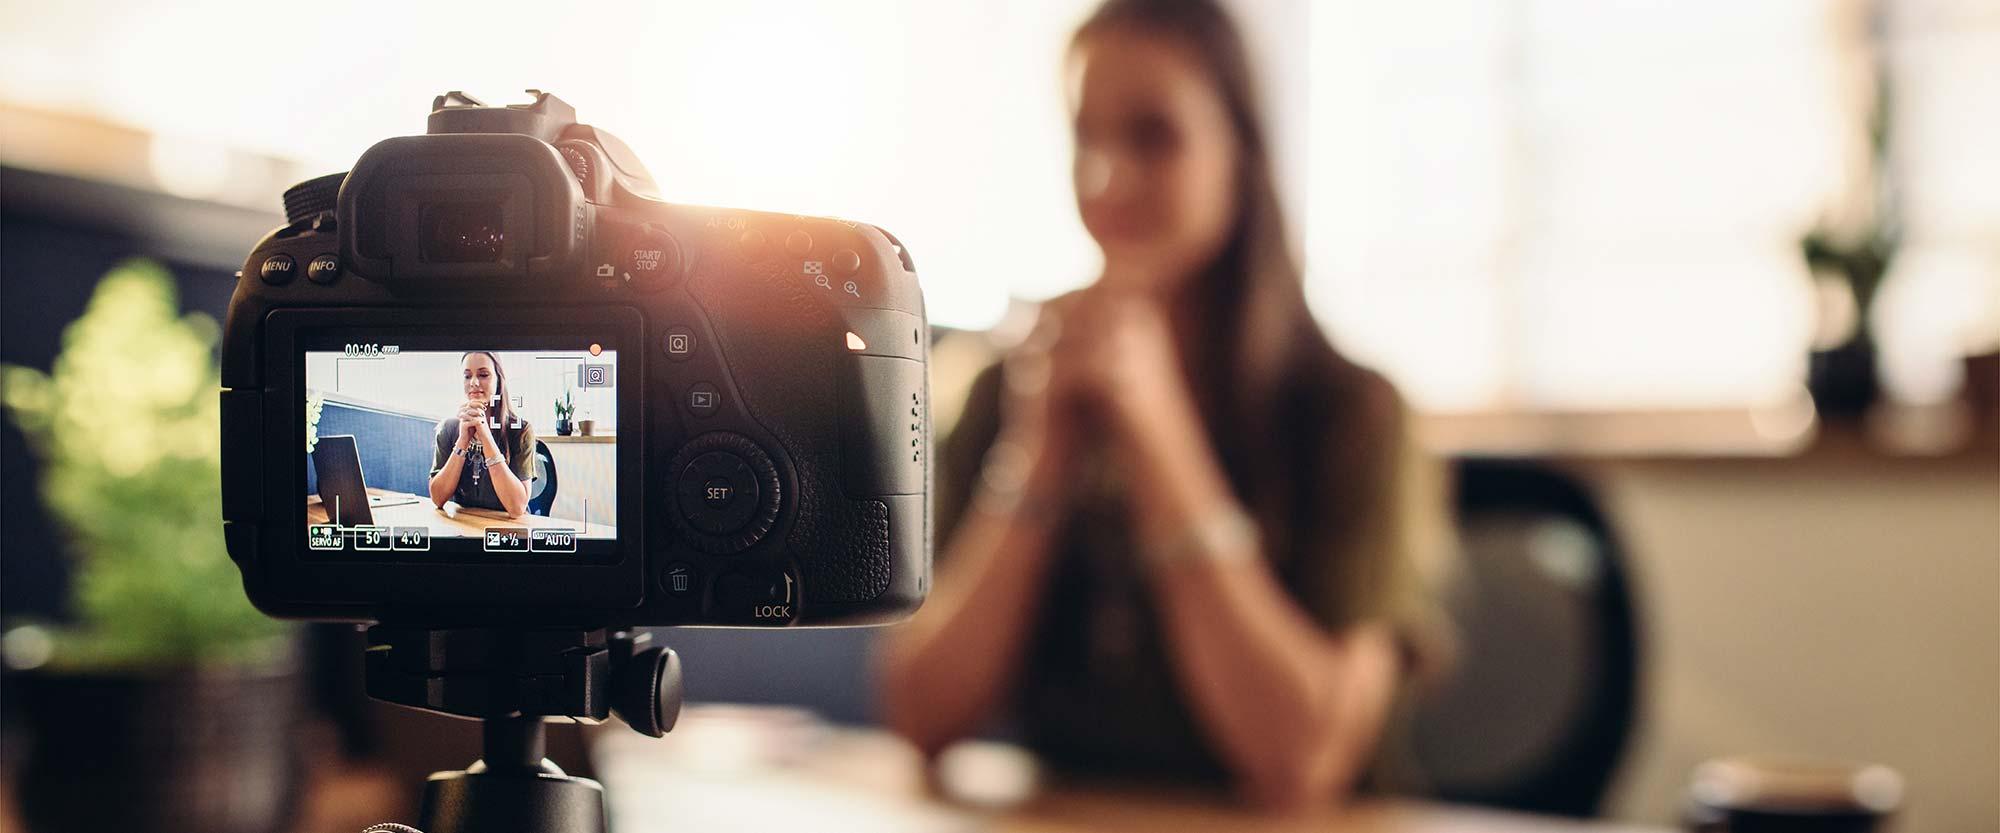 Onlinekurs Grunderna i att filma